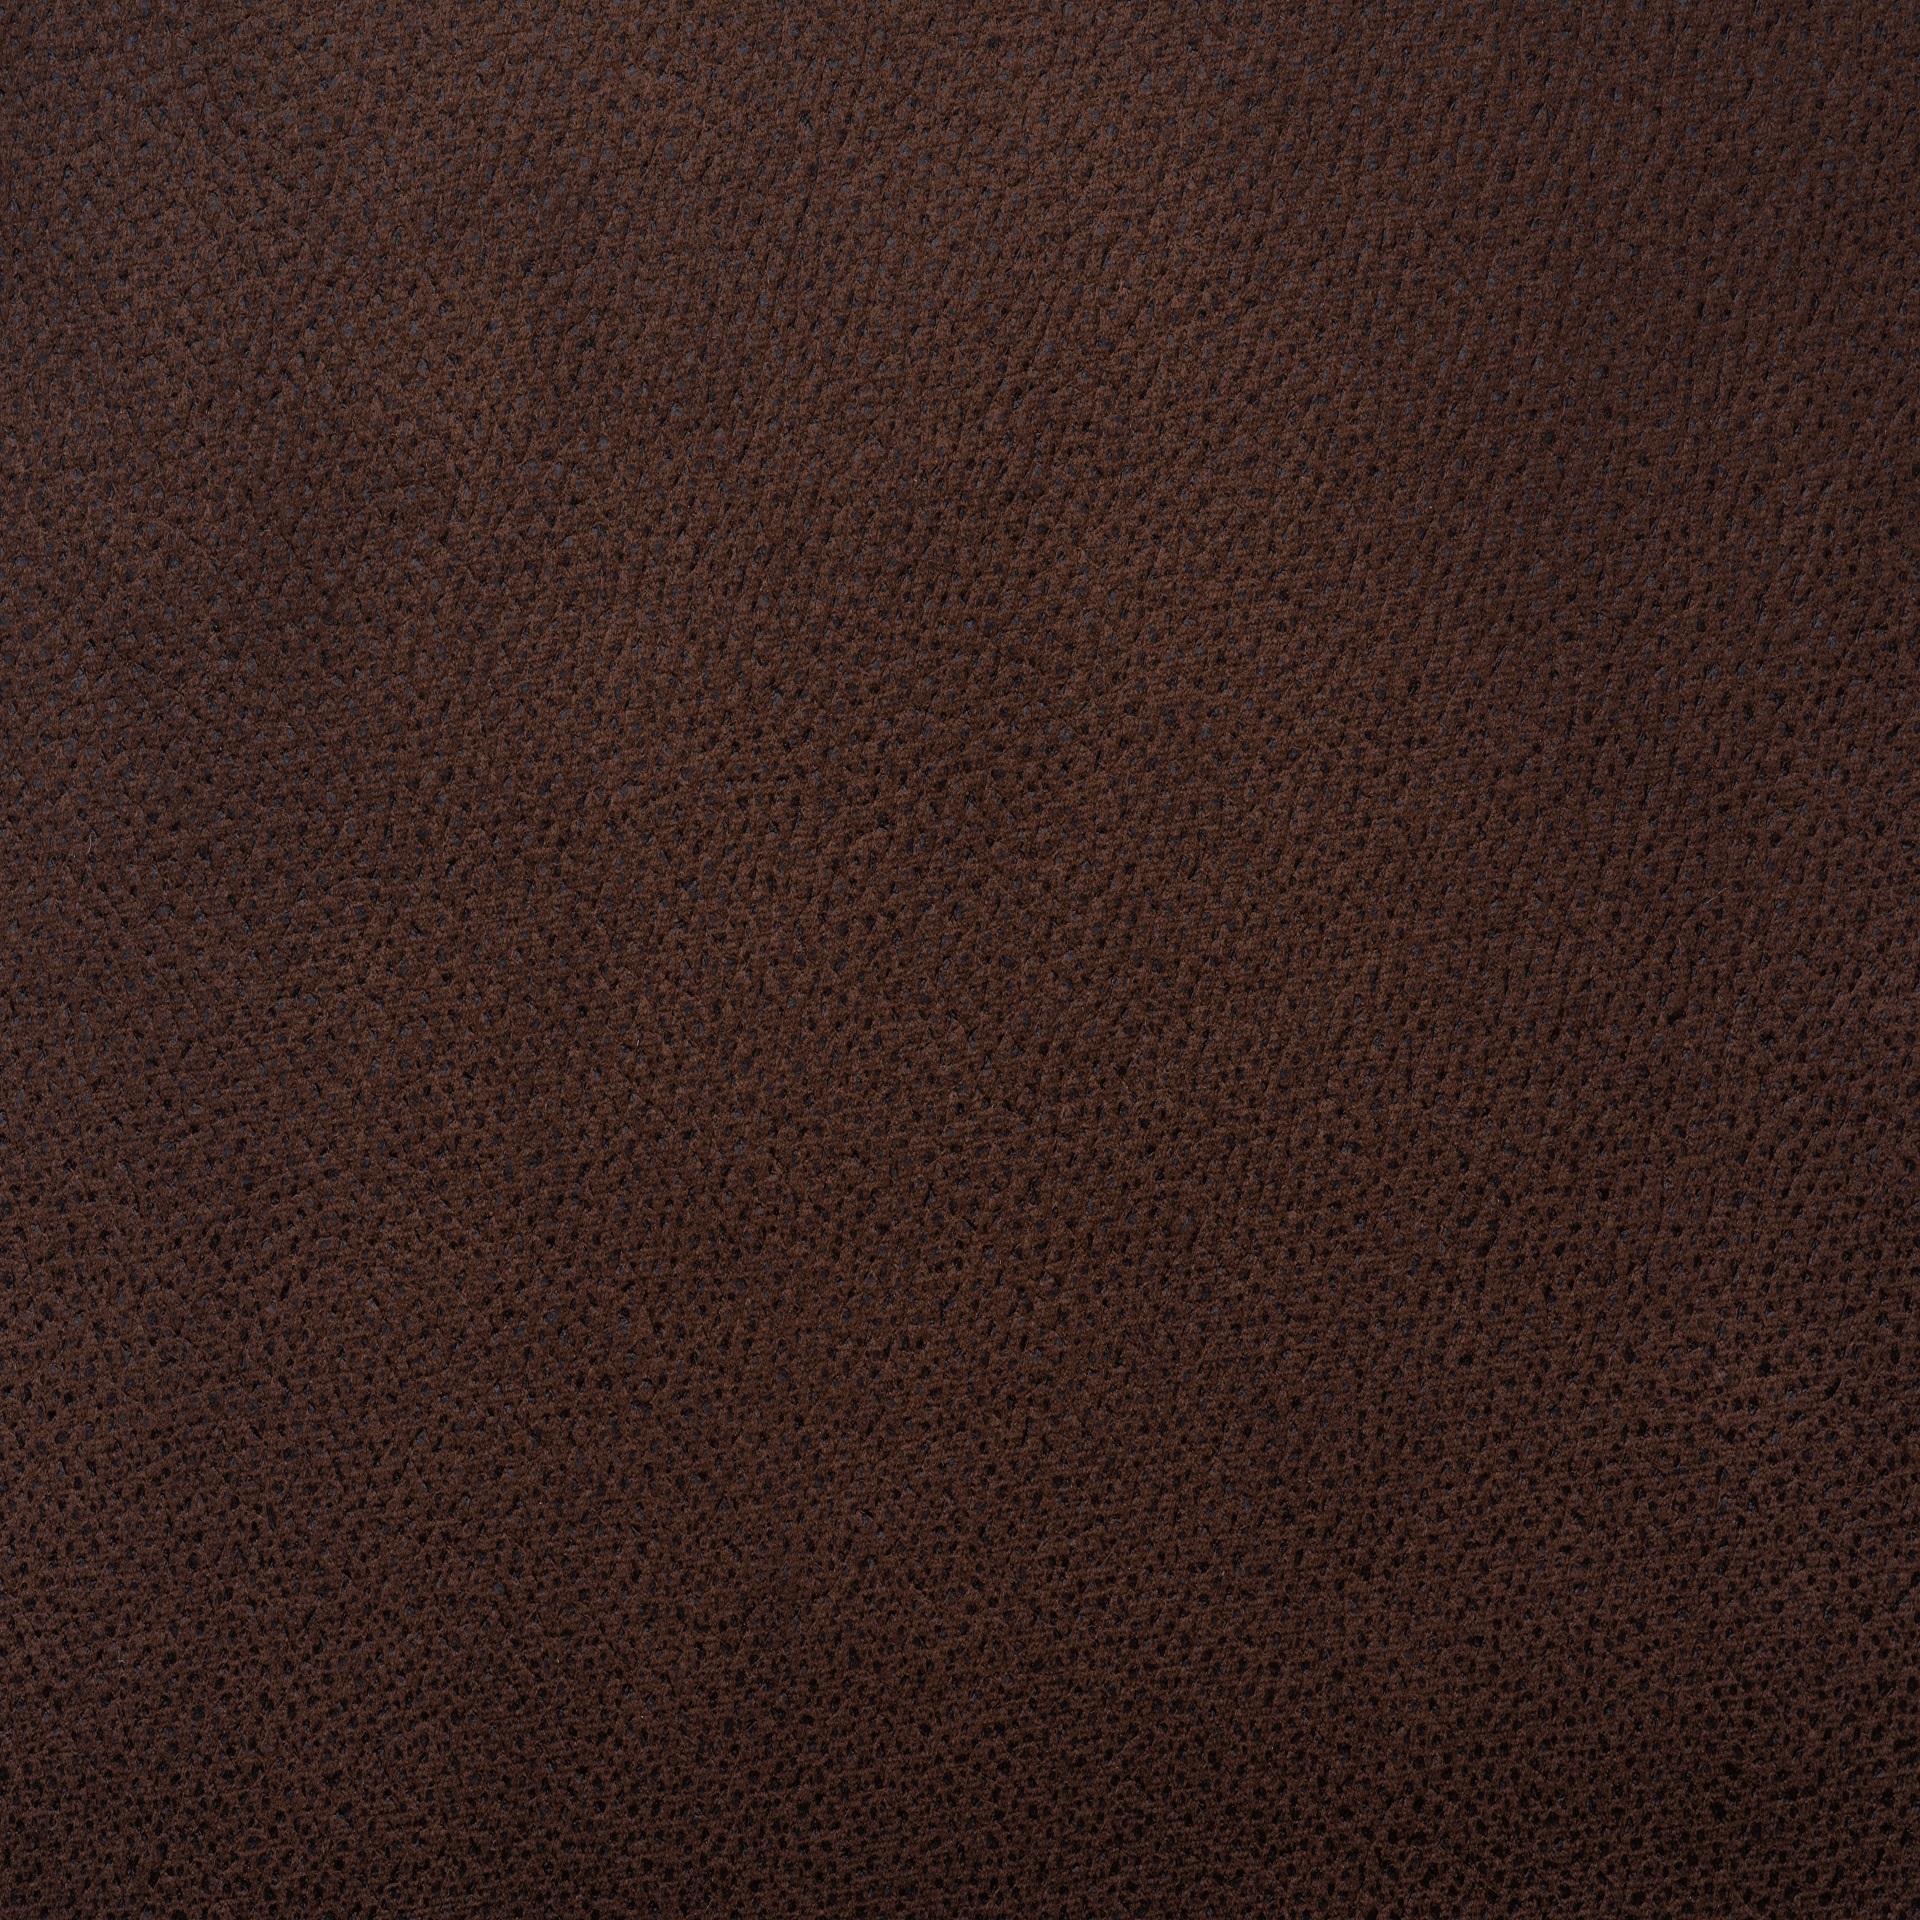 Коллекция ткани Мустанг KASHTAN,  купить ткань Велюр для мебели Украина